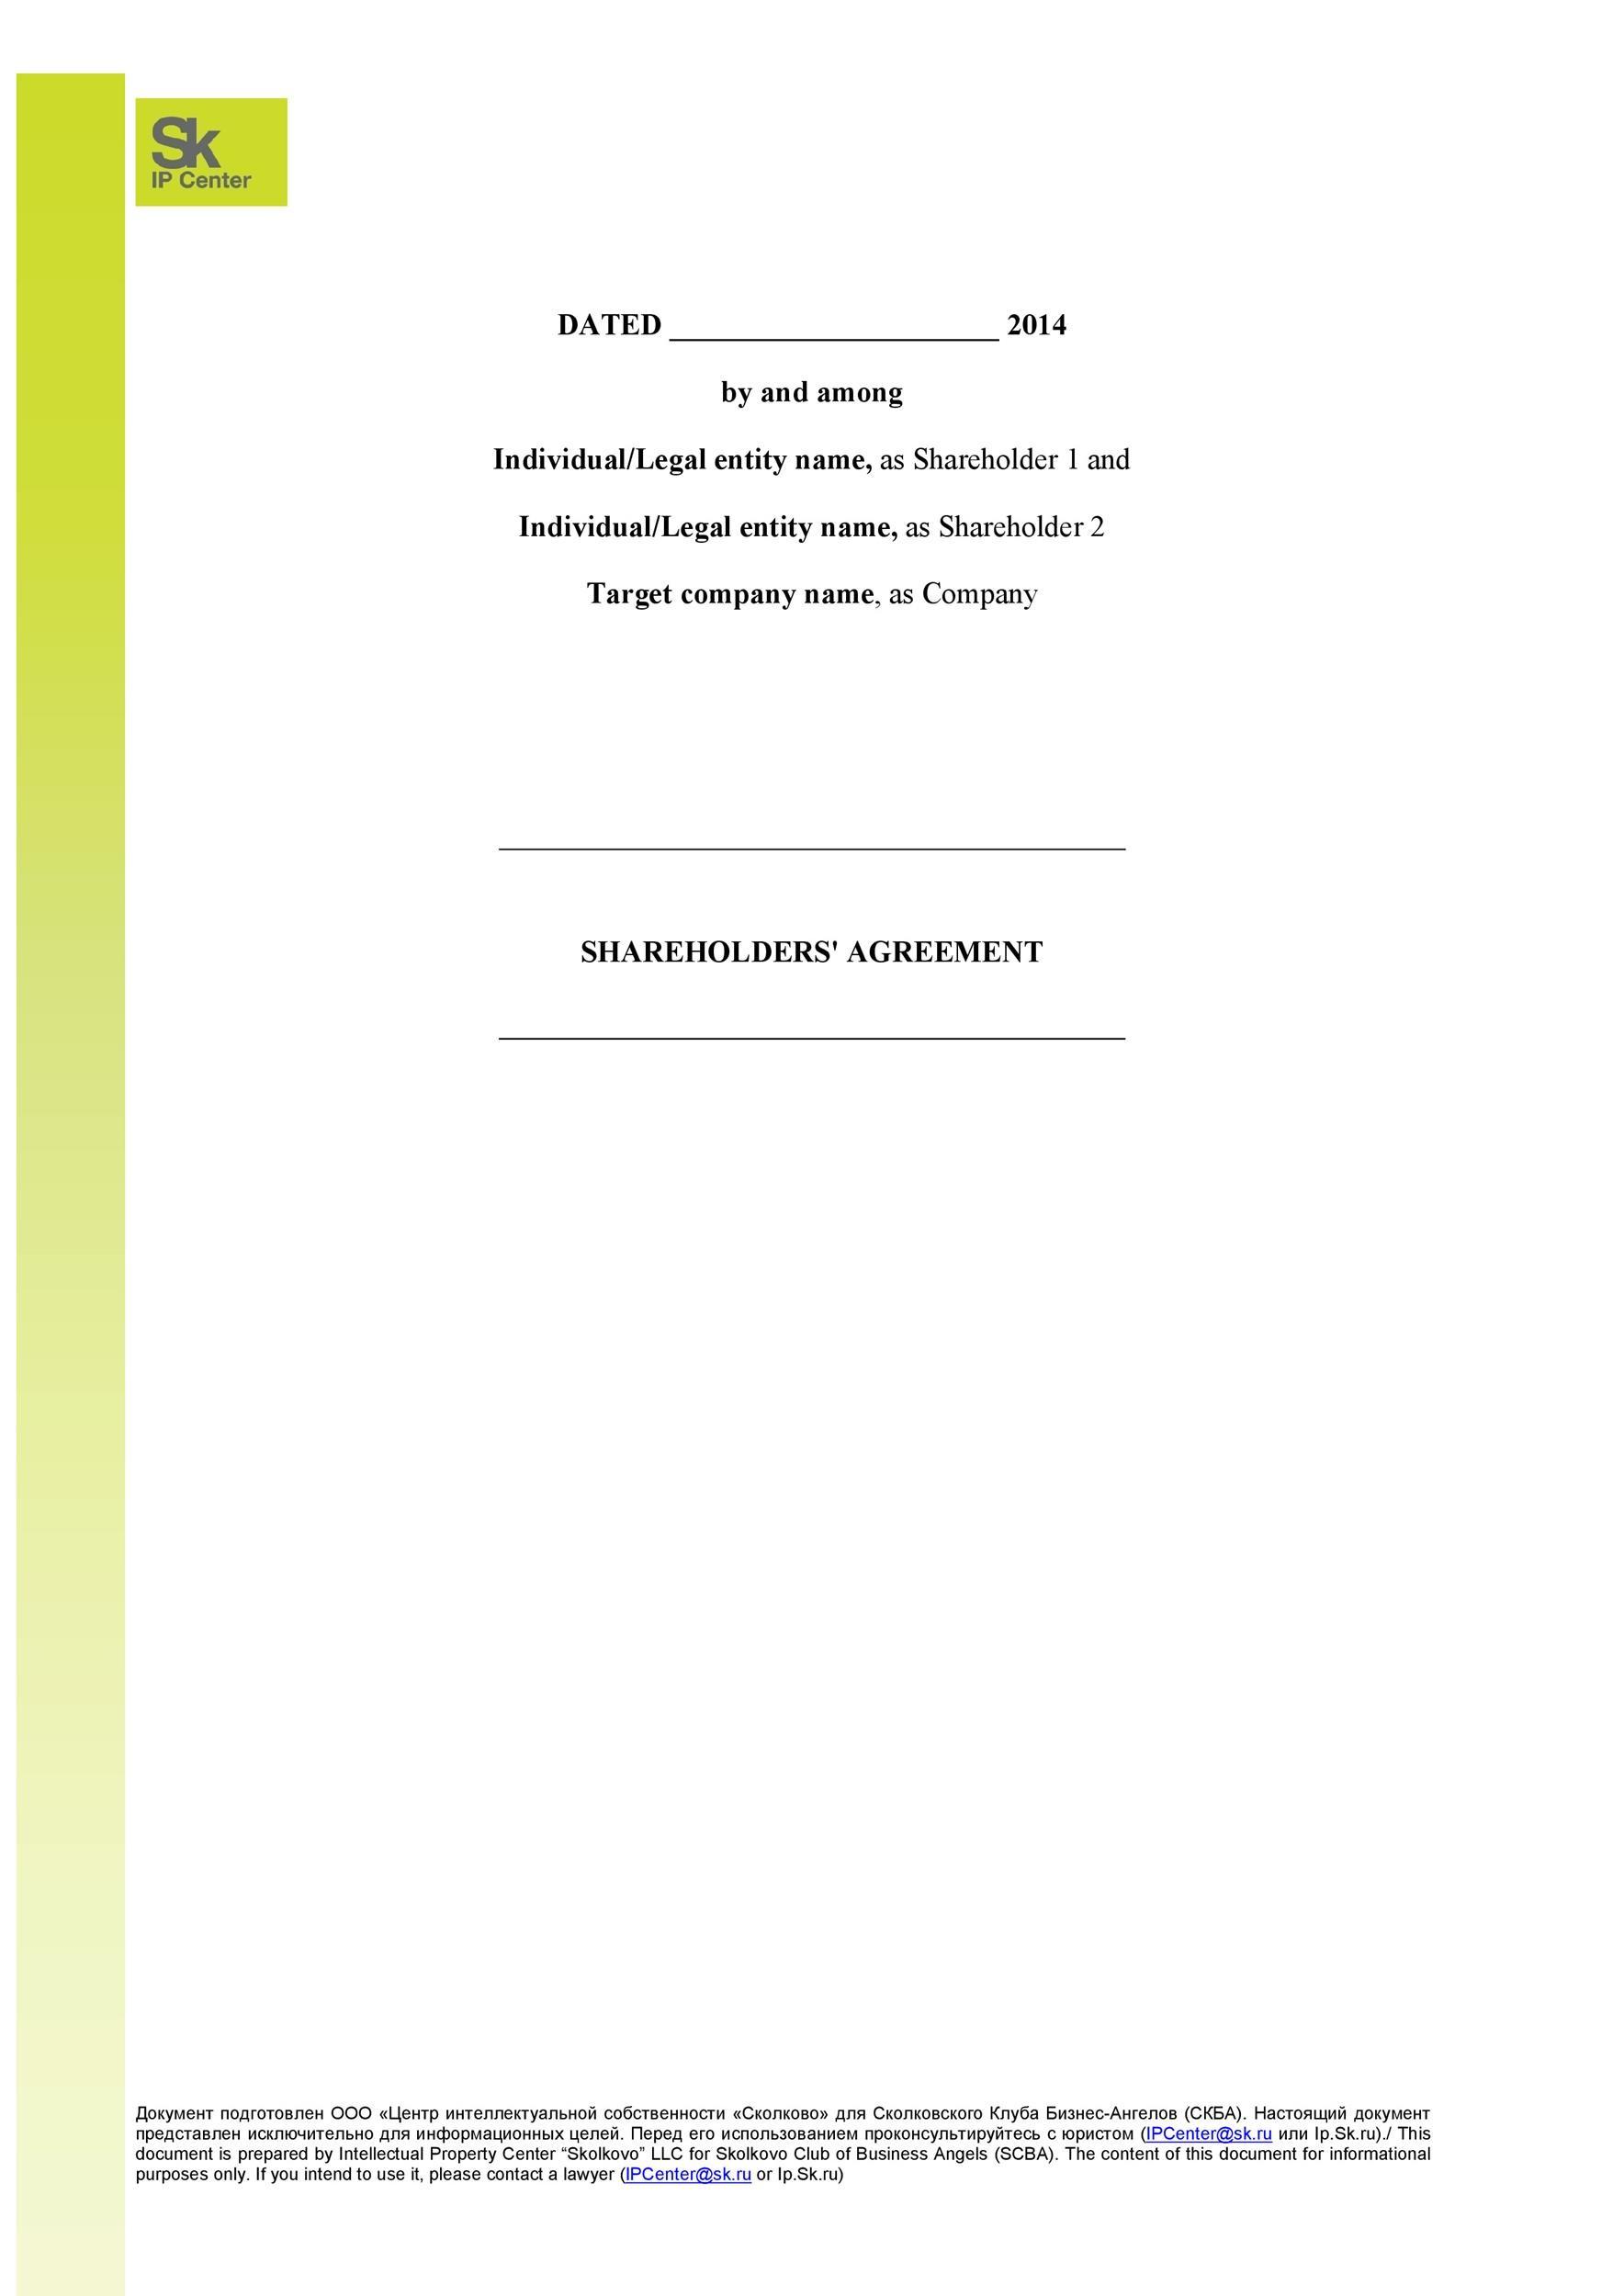 Free shareholder agreement 43